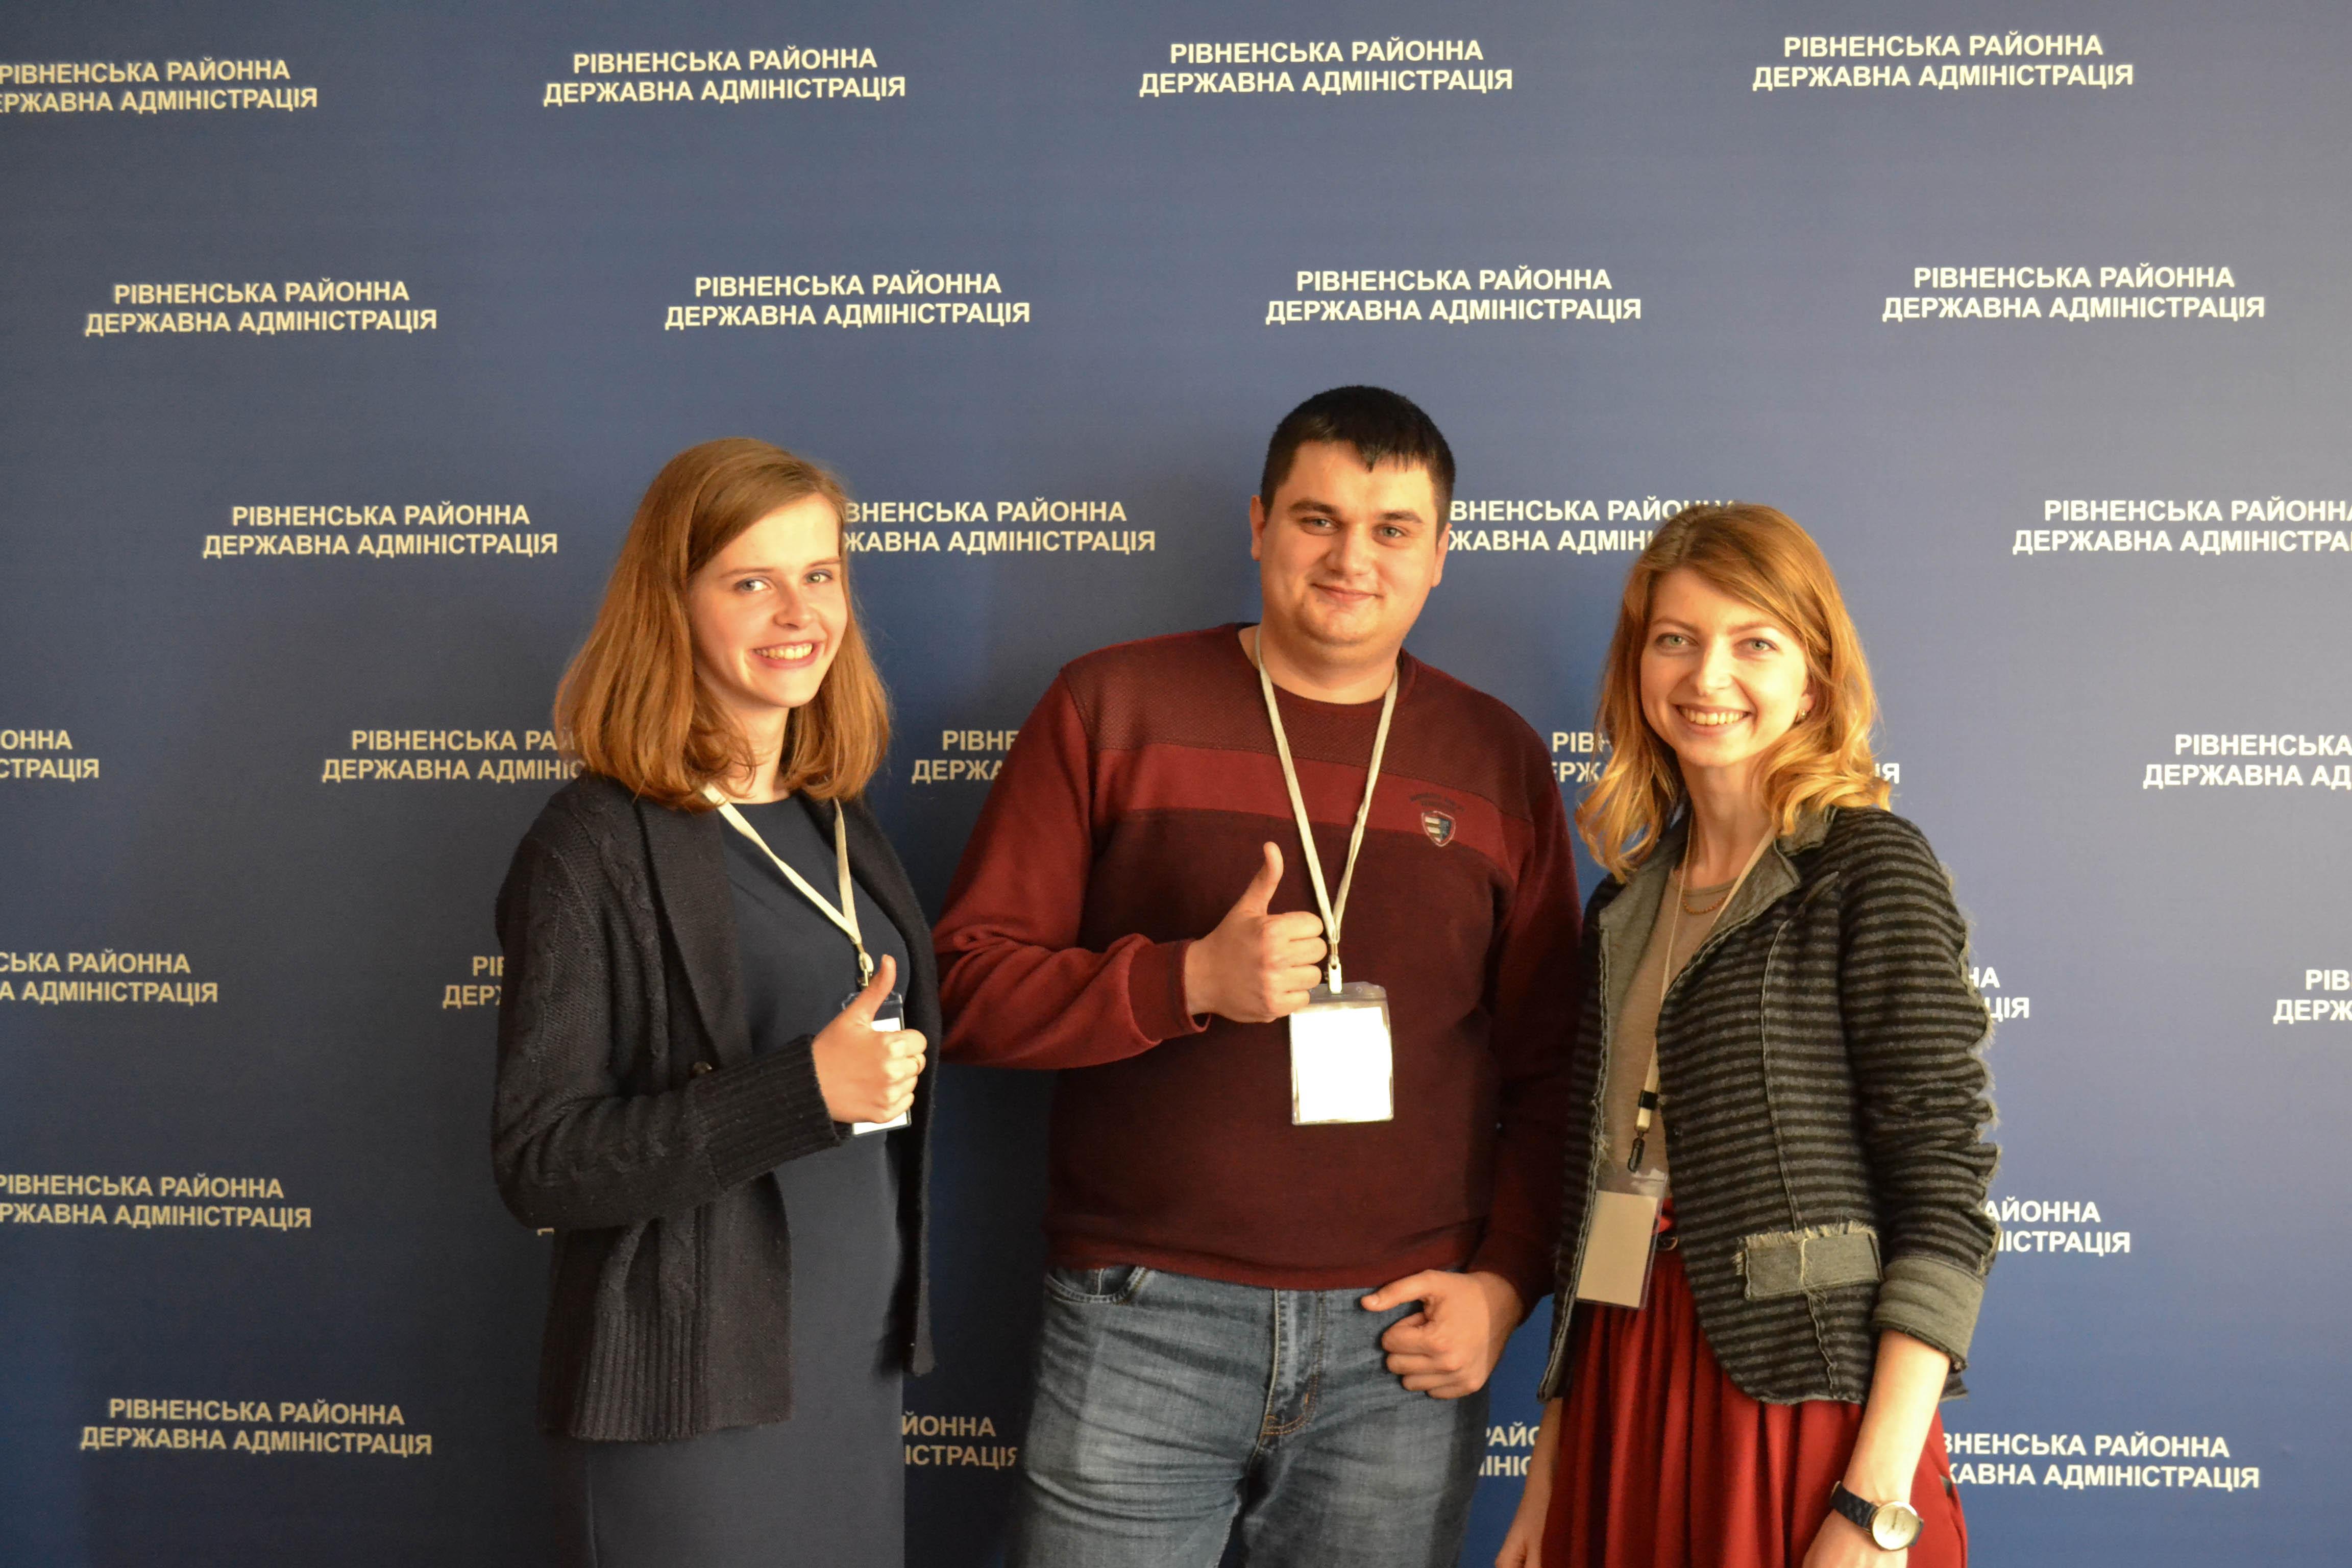 Рівненська команда ВІ Активна Громада